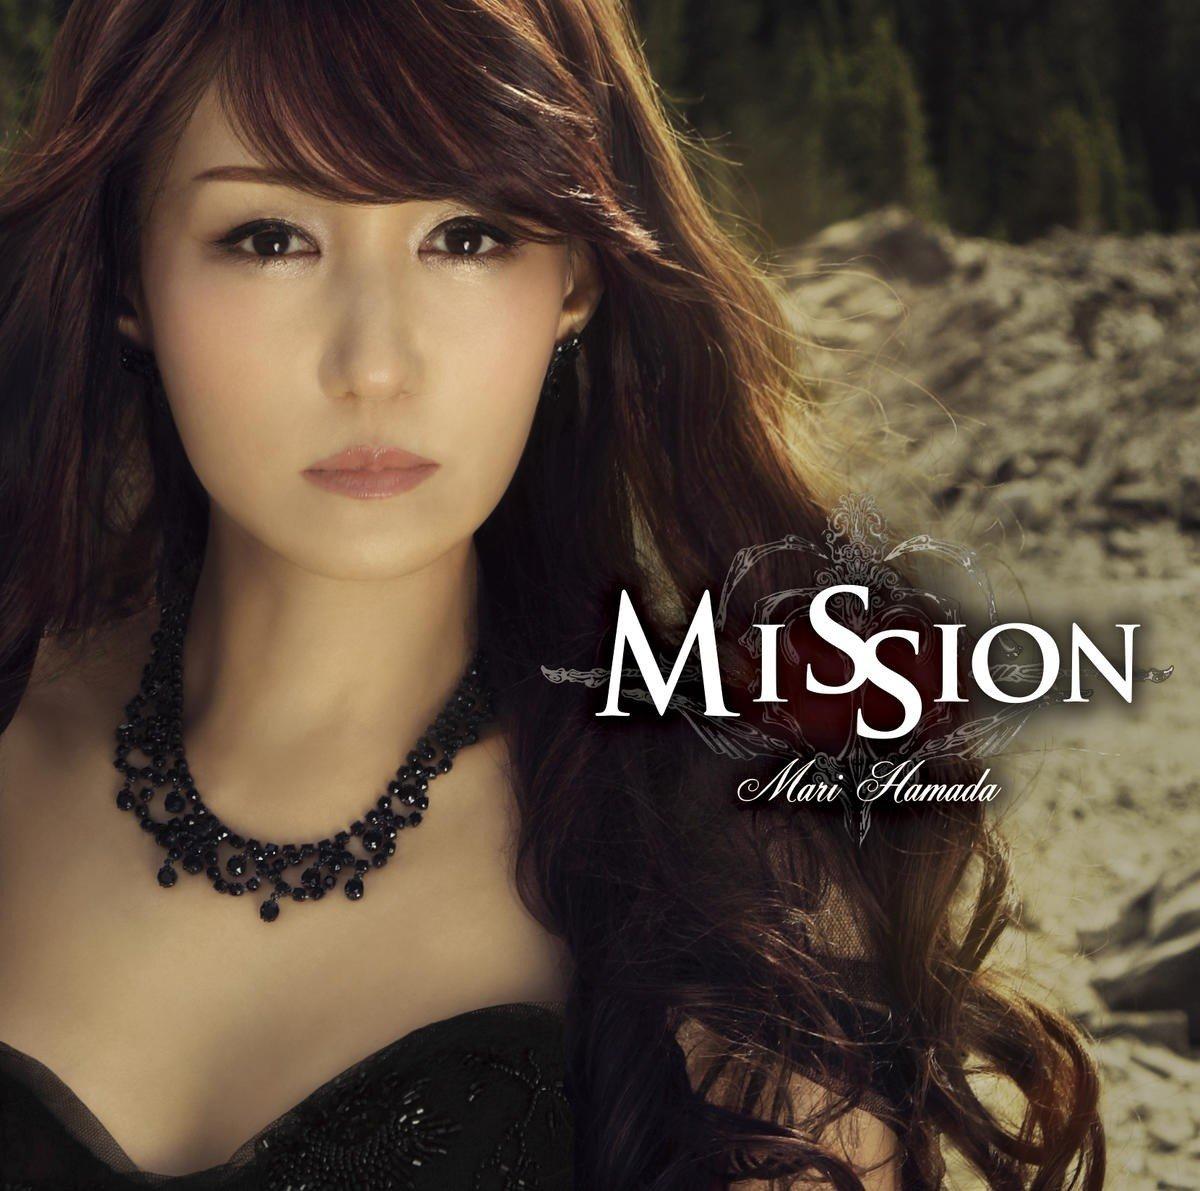 浜田麻里 (Mari Hamada) – Mission [FLAC / 24bit Lossless / WEB] [2016.01.13]